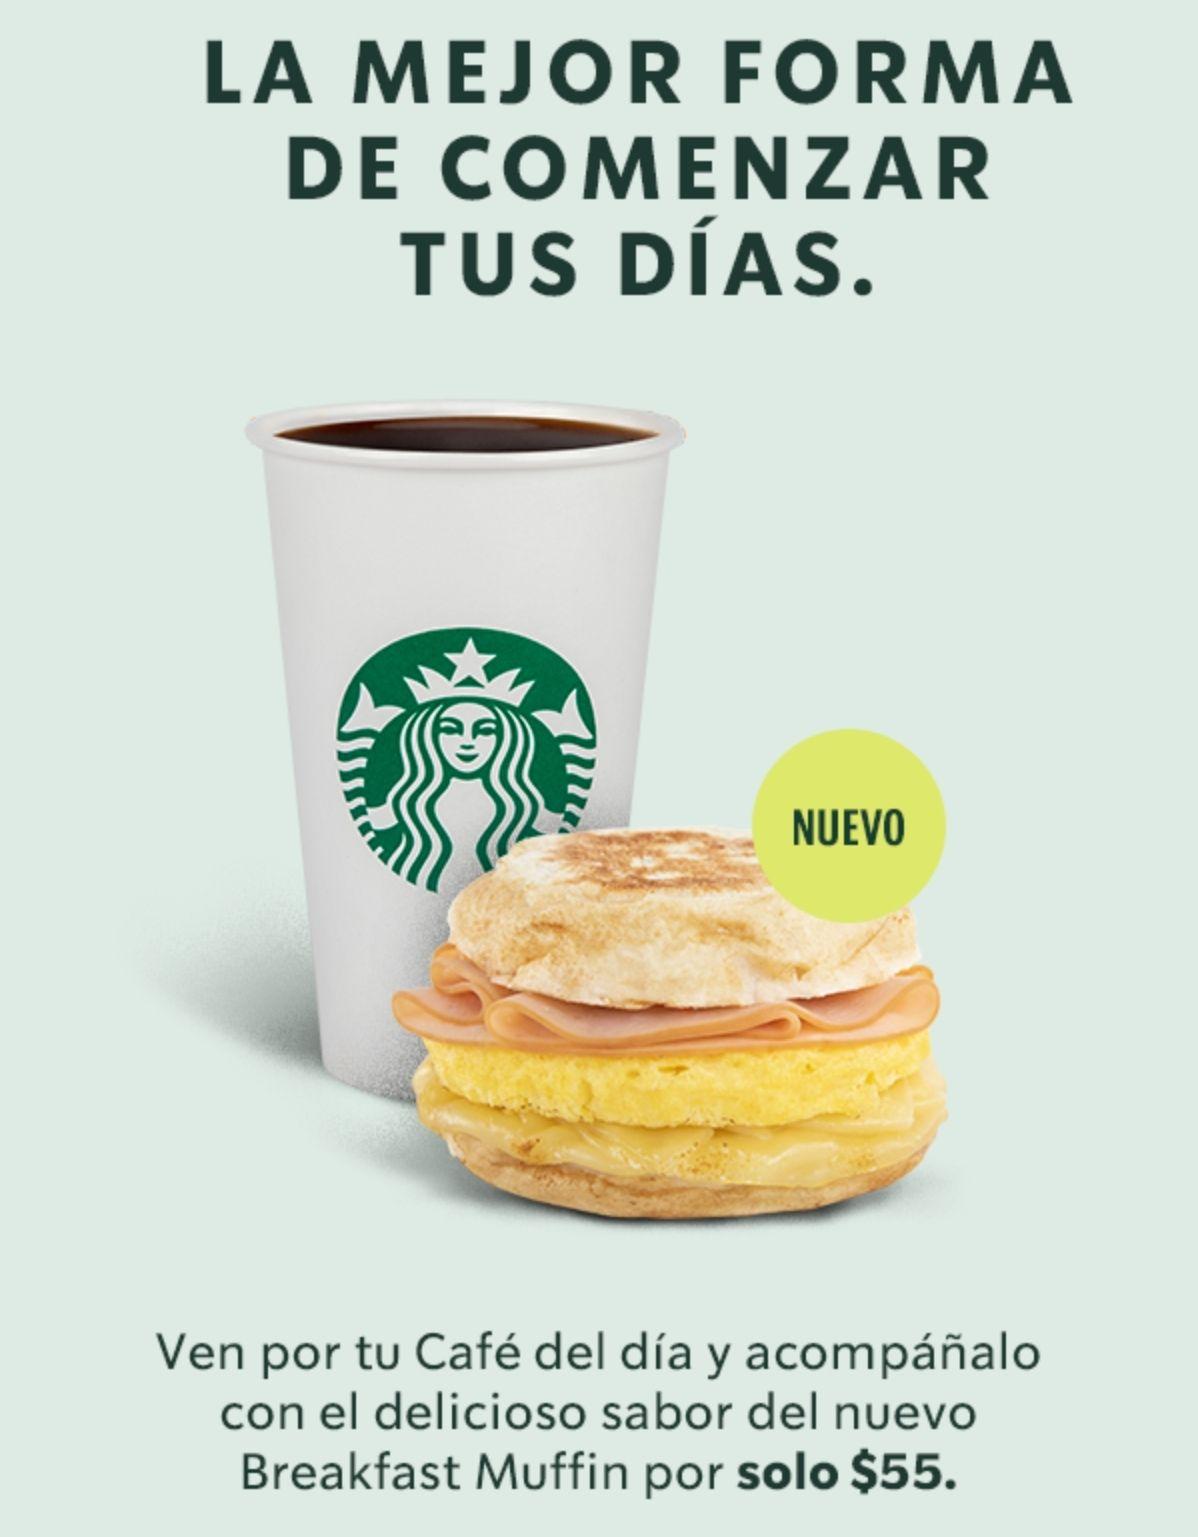 Starbucks: Café del día + muffin por $55 pejos